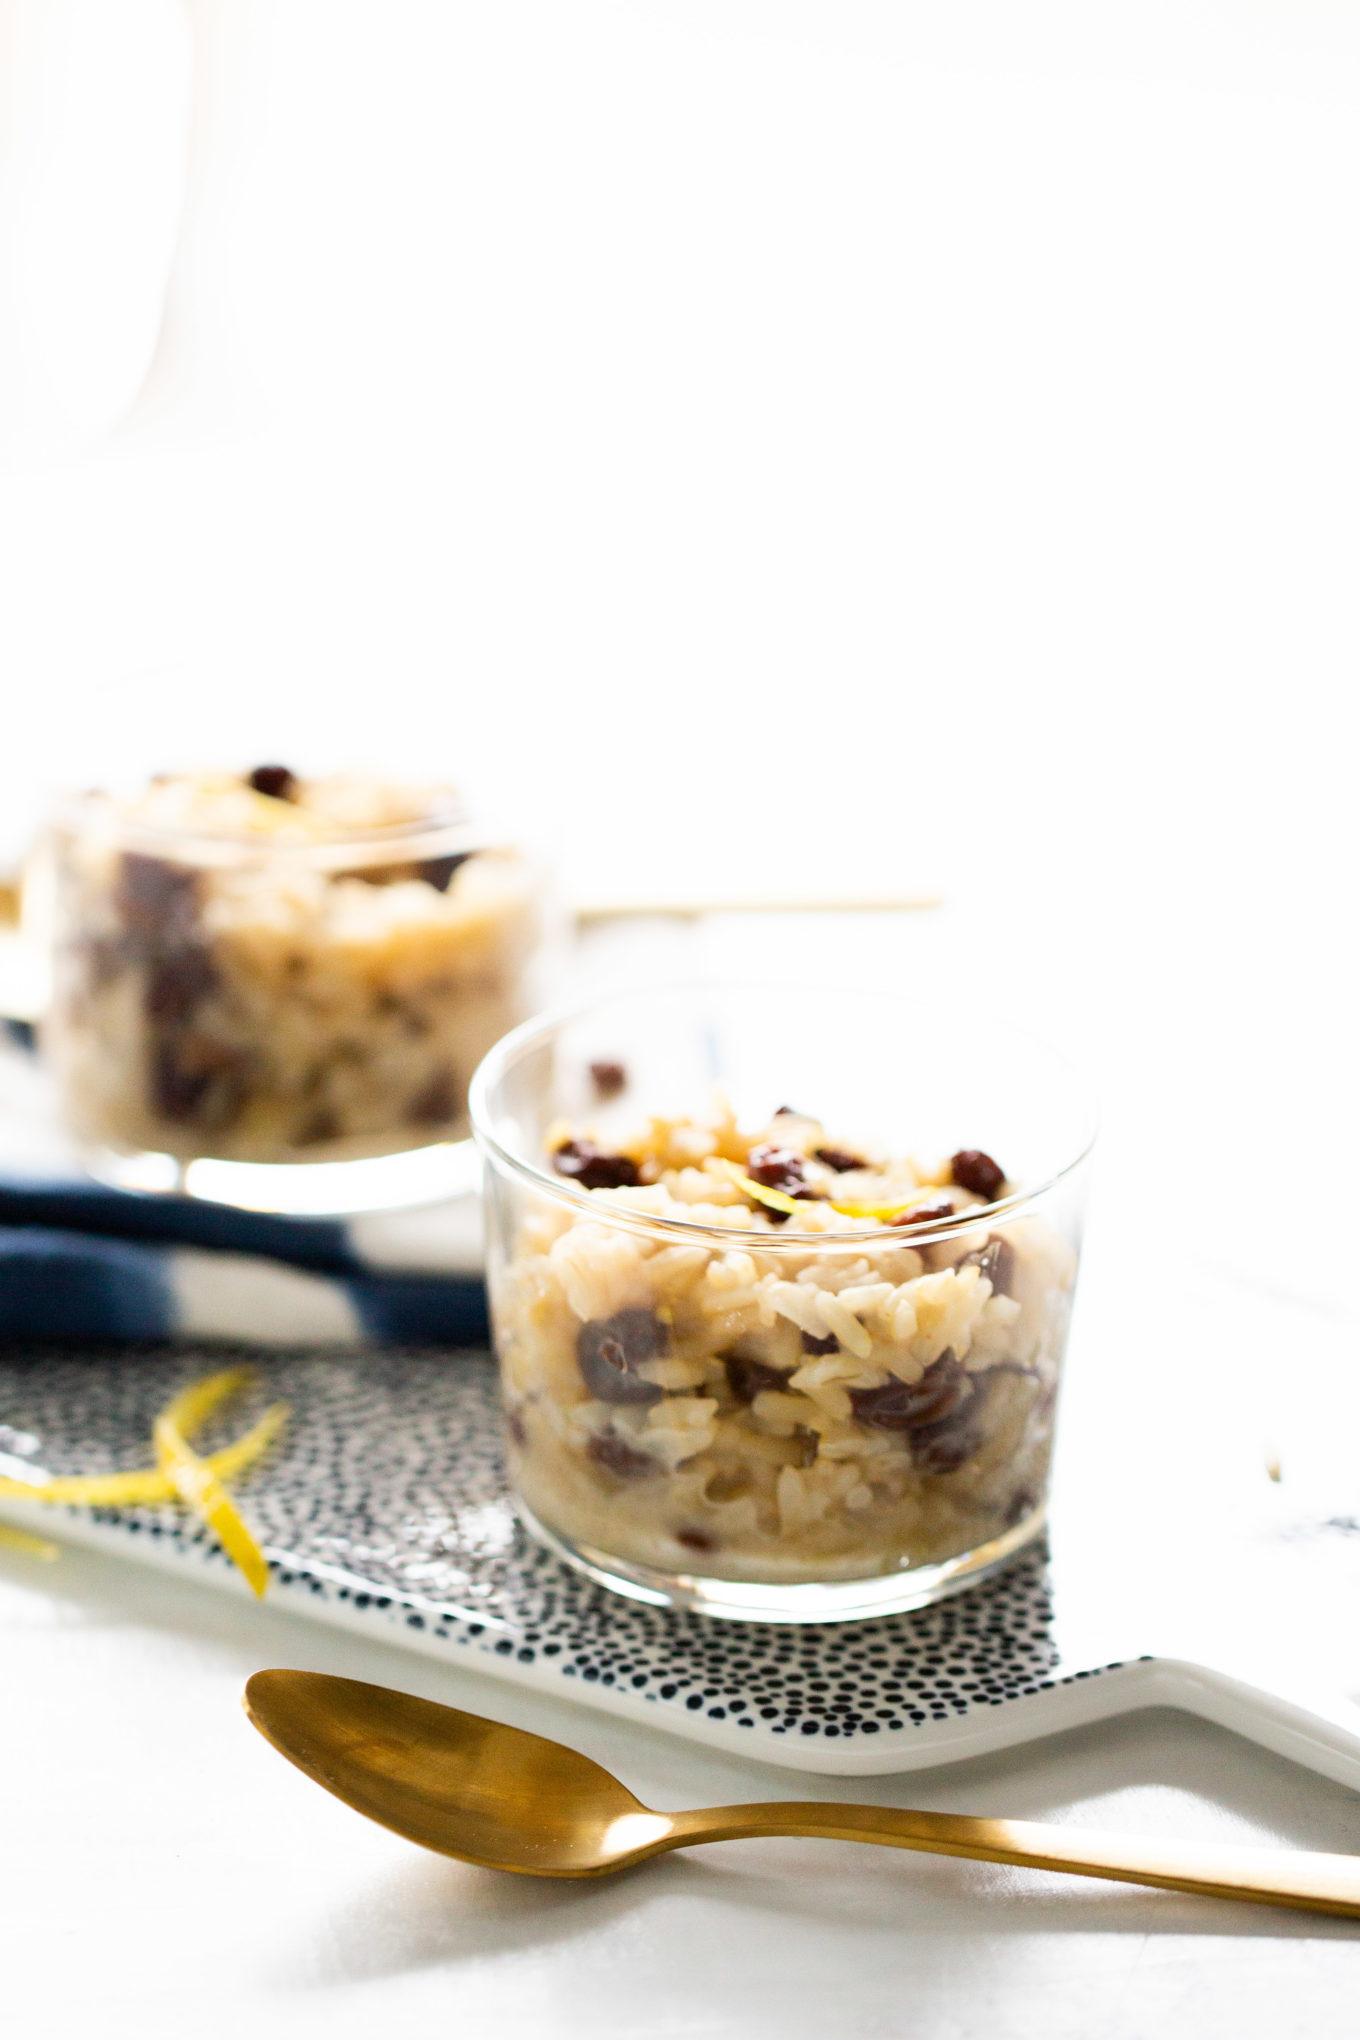 arroz con leche vegano, está hecho con leche de coco